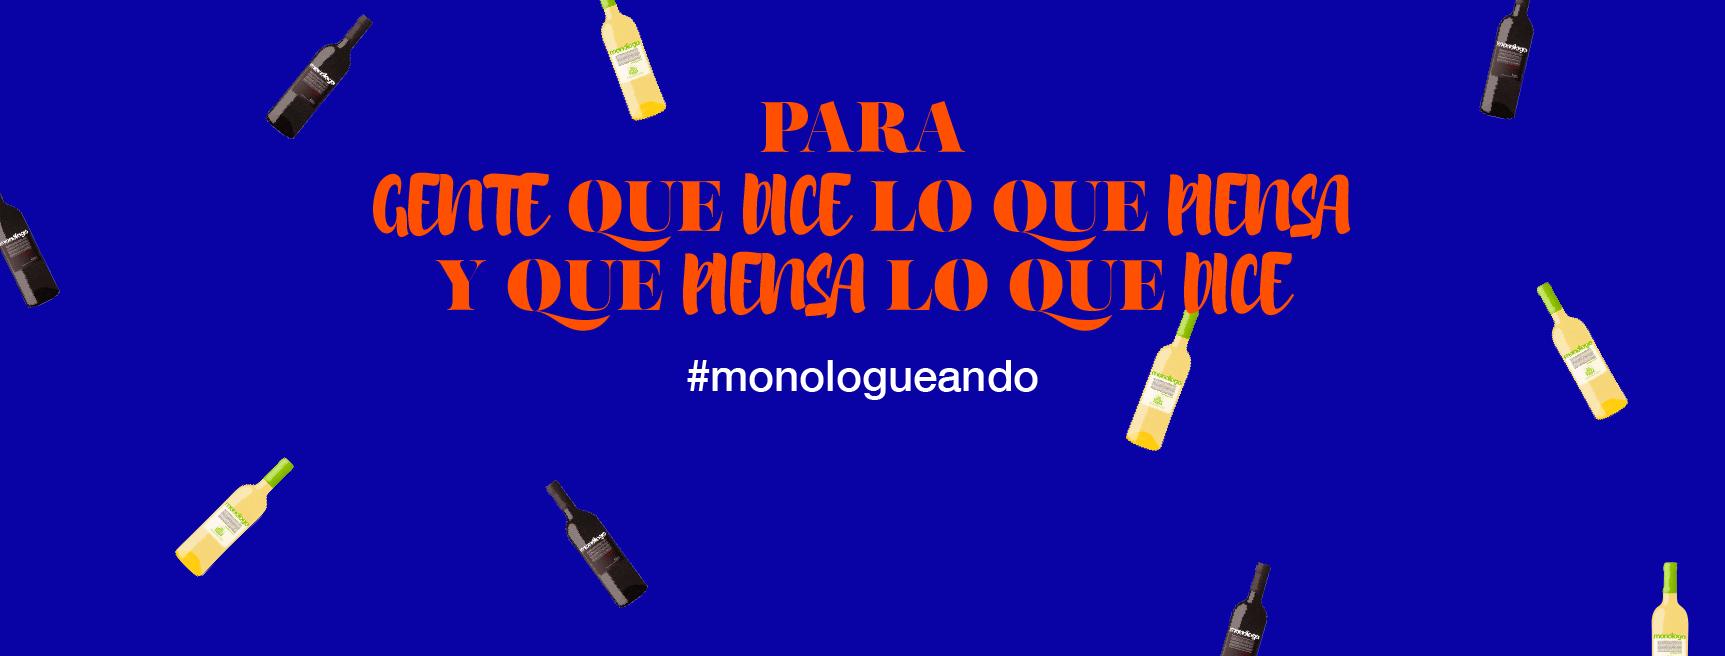 Vinos Monólogo crea una campaña para que sus seguidores expresen sus inquietudes en Twitter